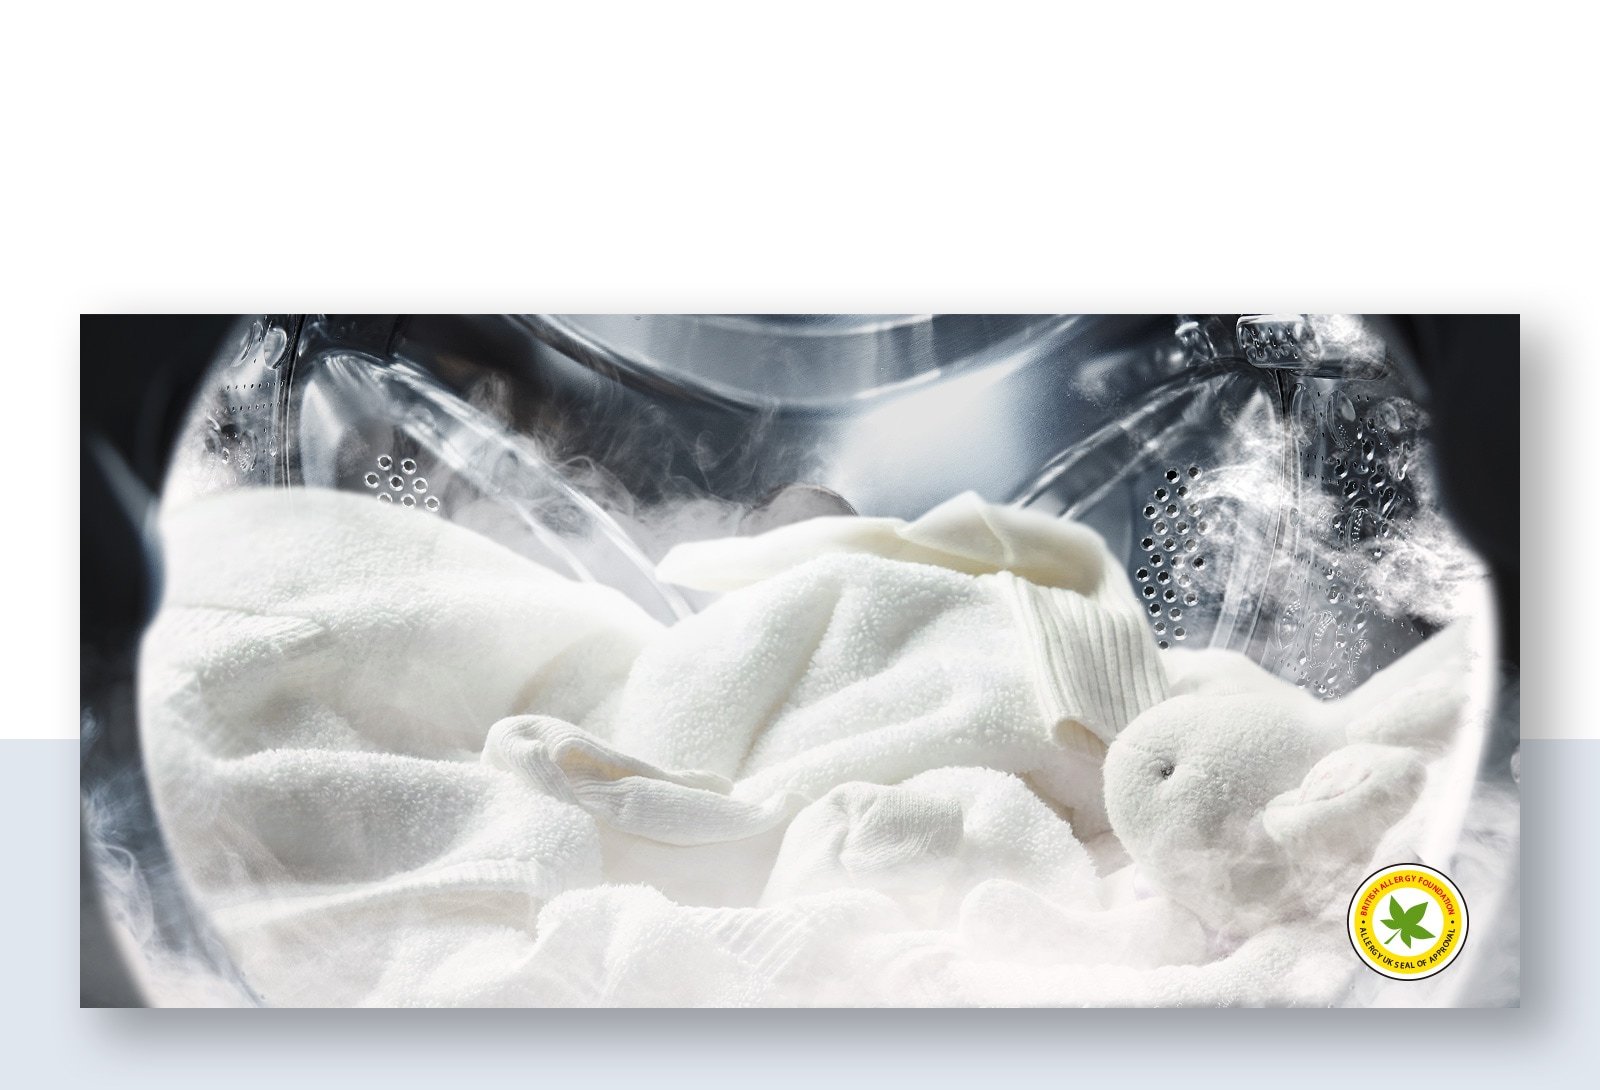 柔軟的白色長袍和絨毛玩偶已由滾筒洗衣機的蒸氣清洗。